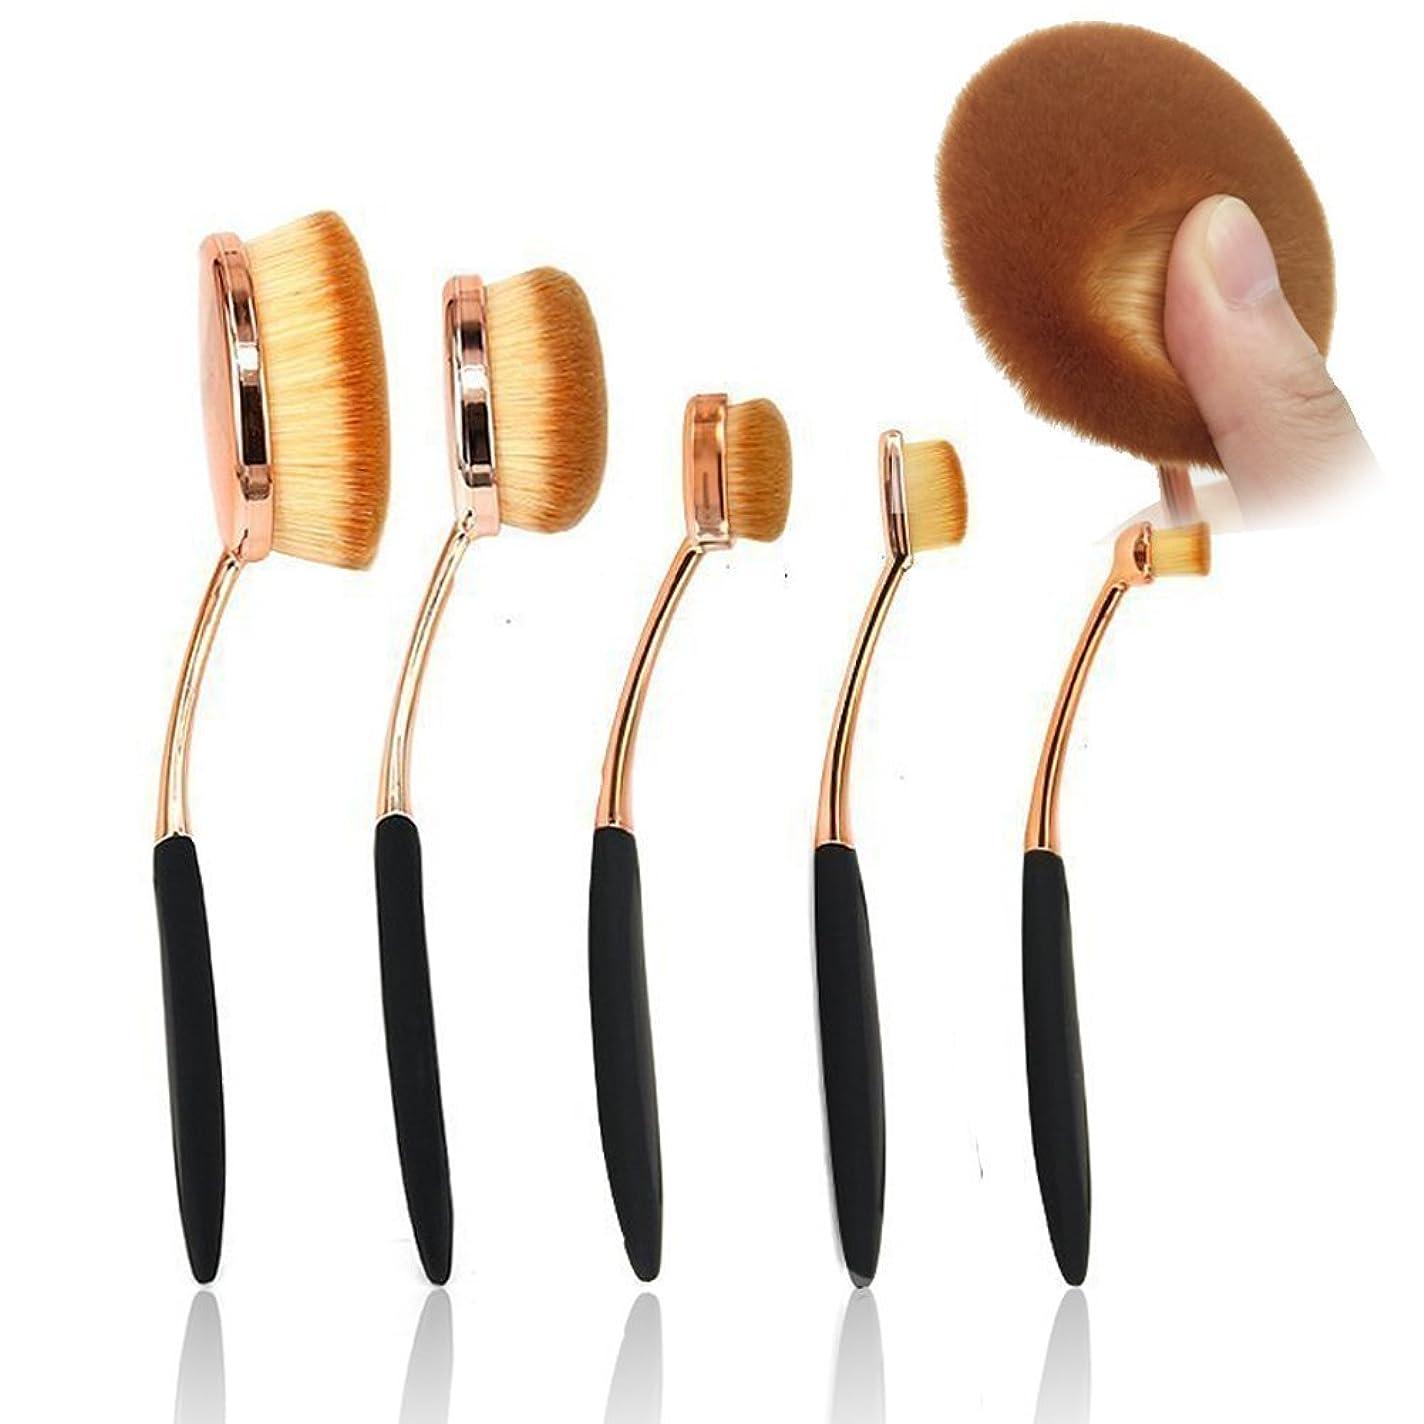 増強するお母さんデータUniSign メイクブラシ クリーナー 化粧ブラシ 天然毛 フェイスブラシ携帯用 化粧ブラシ 歯磨き型 5本セット プレゼント